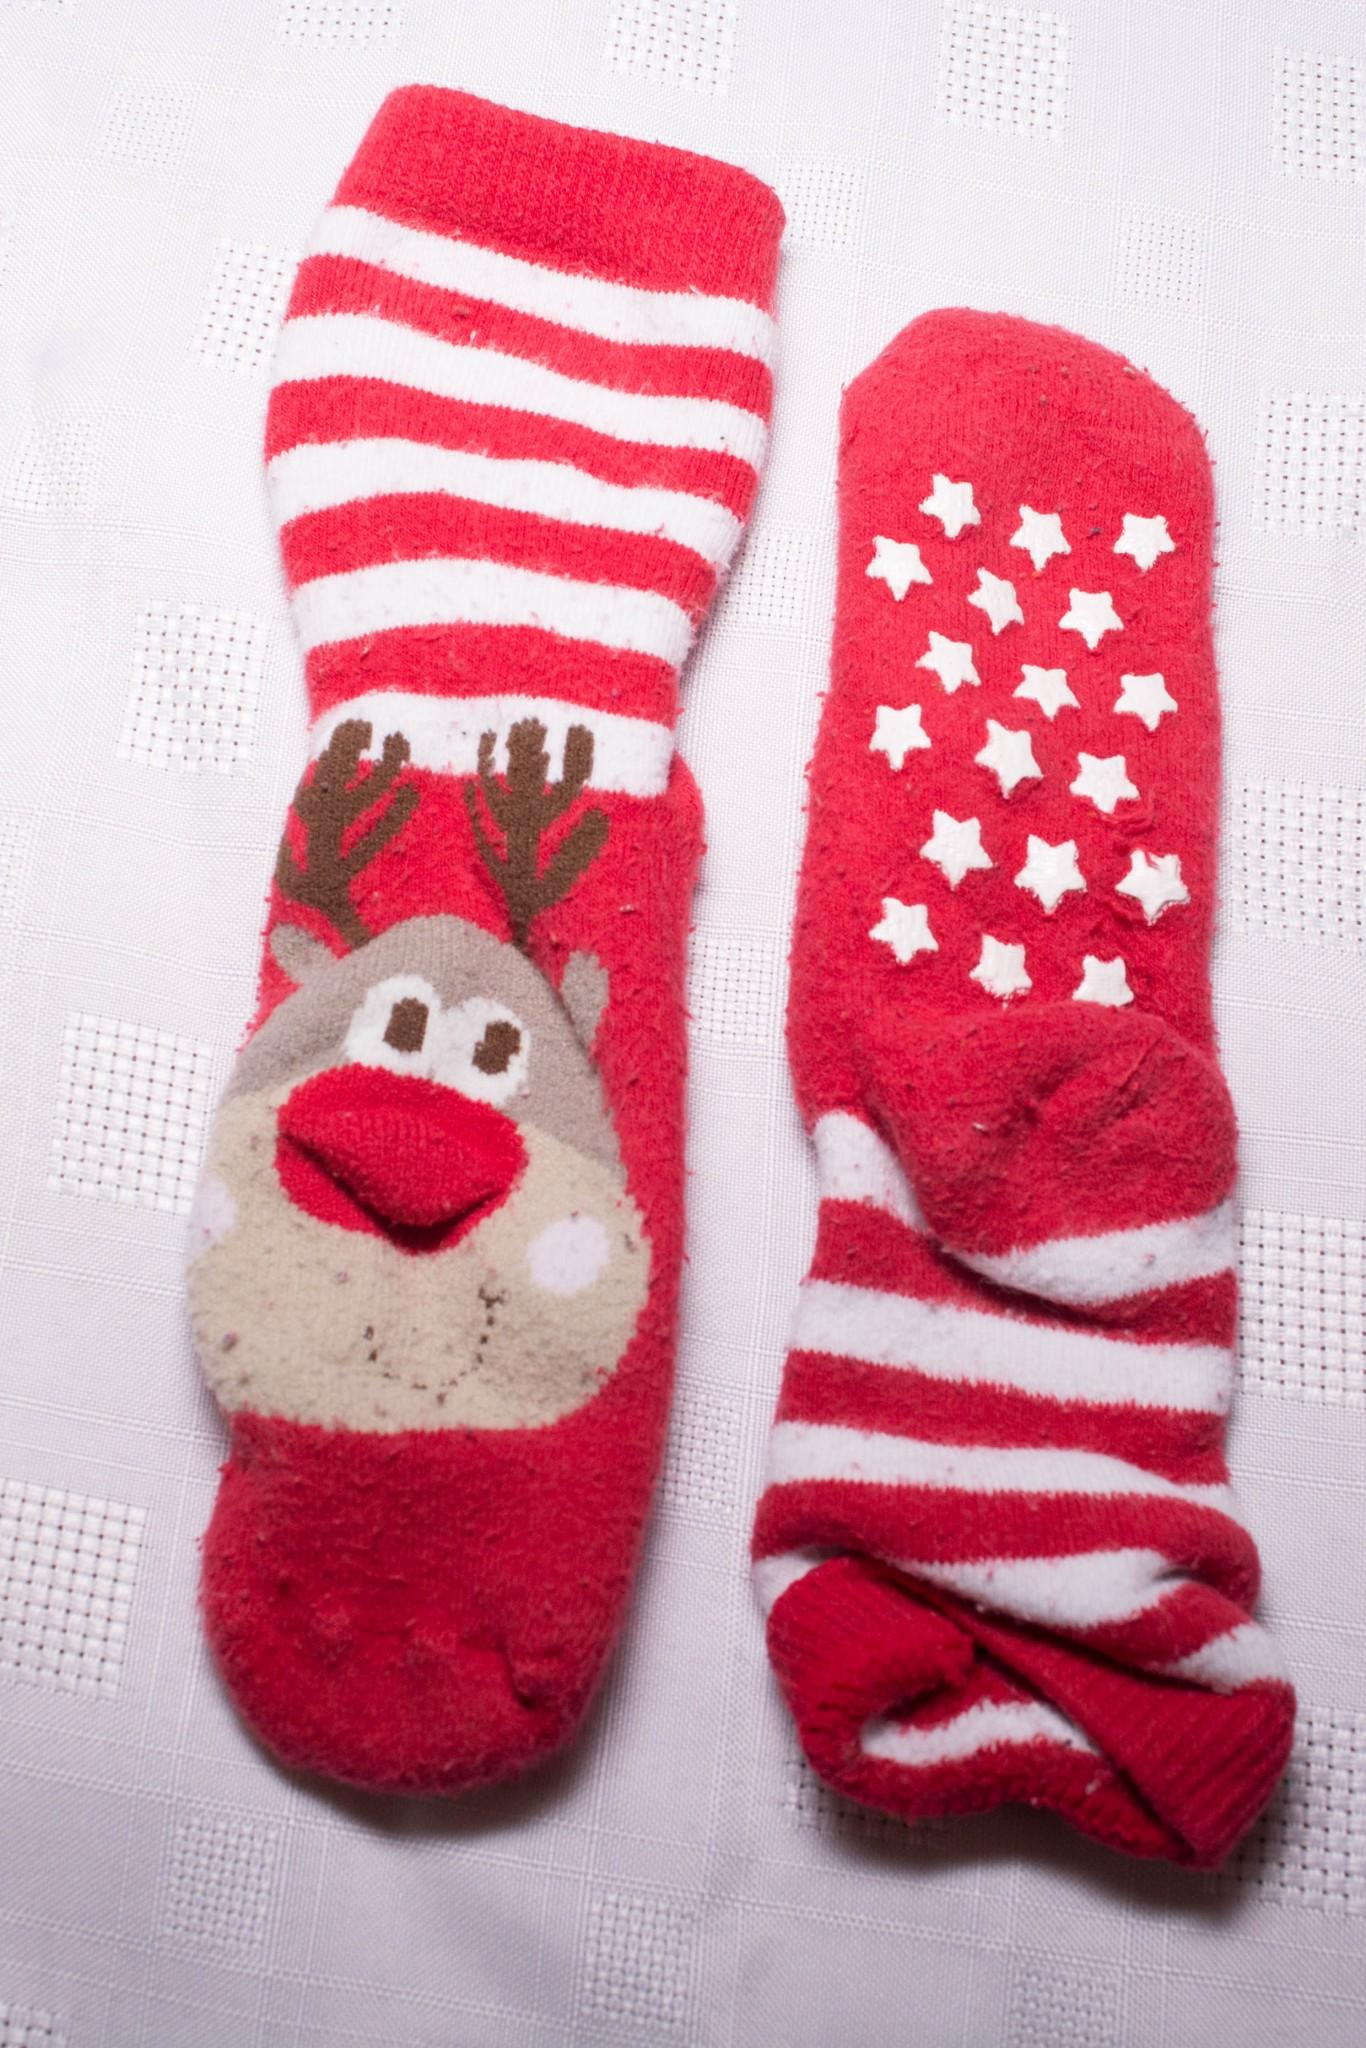 Christmas Reindeer Slipper Socks 12-18 Months - Aylsham Kids